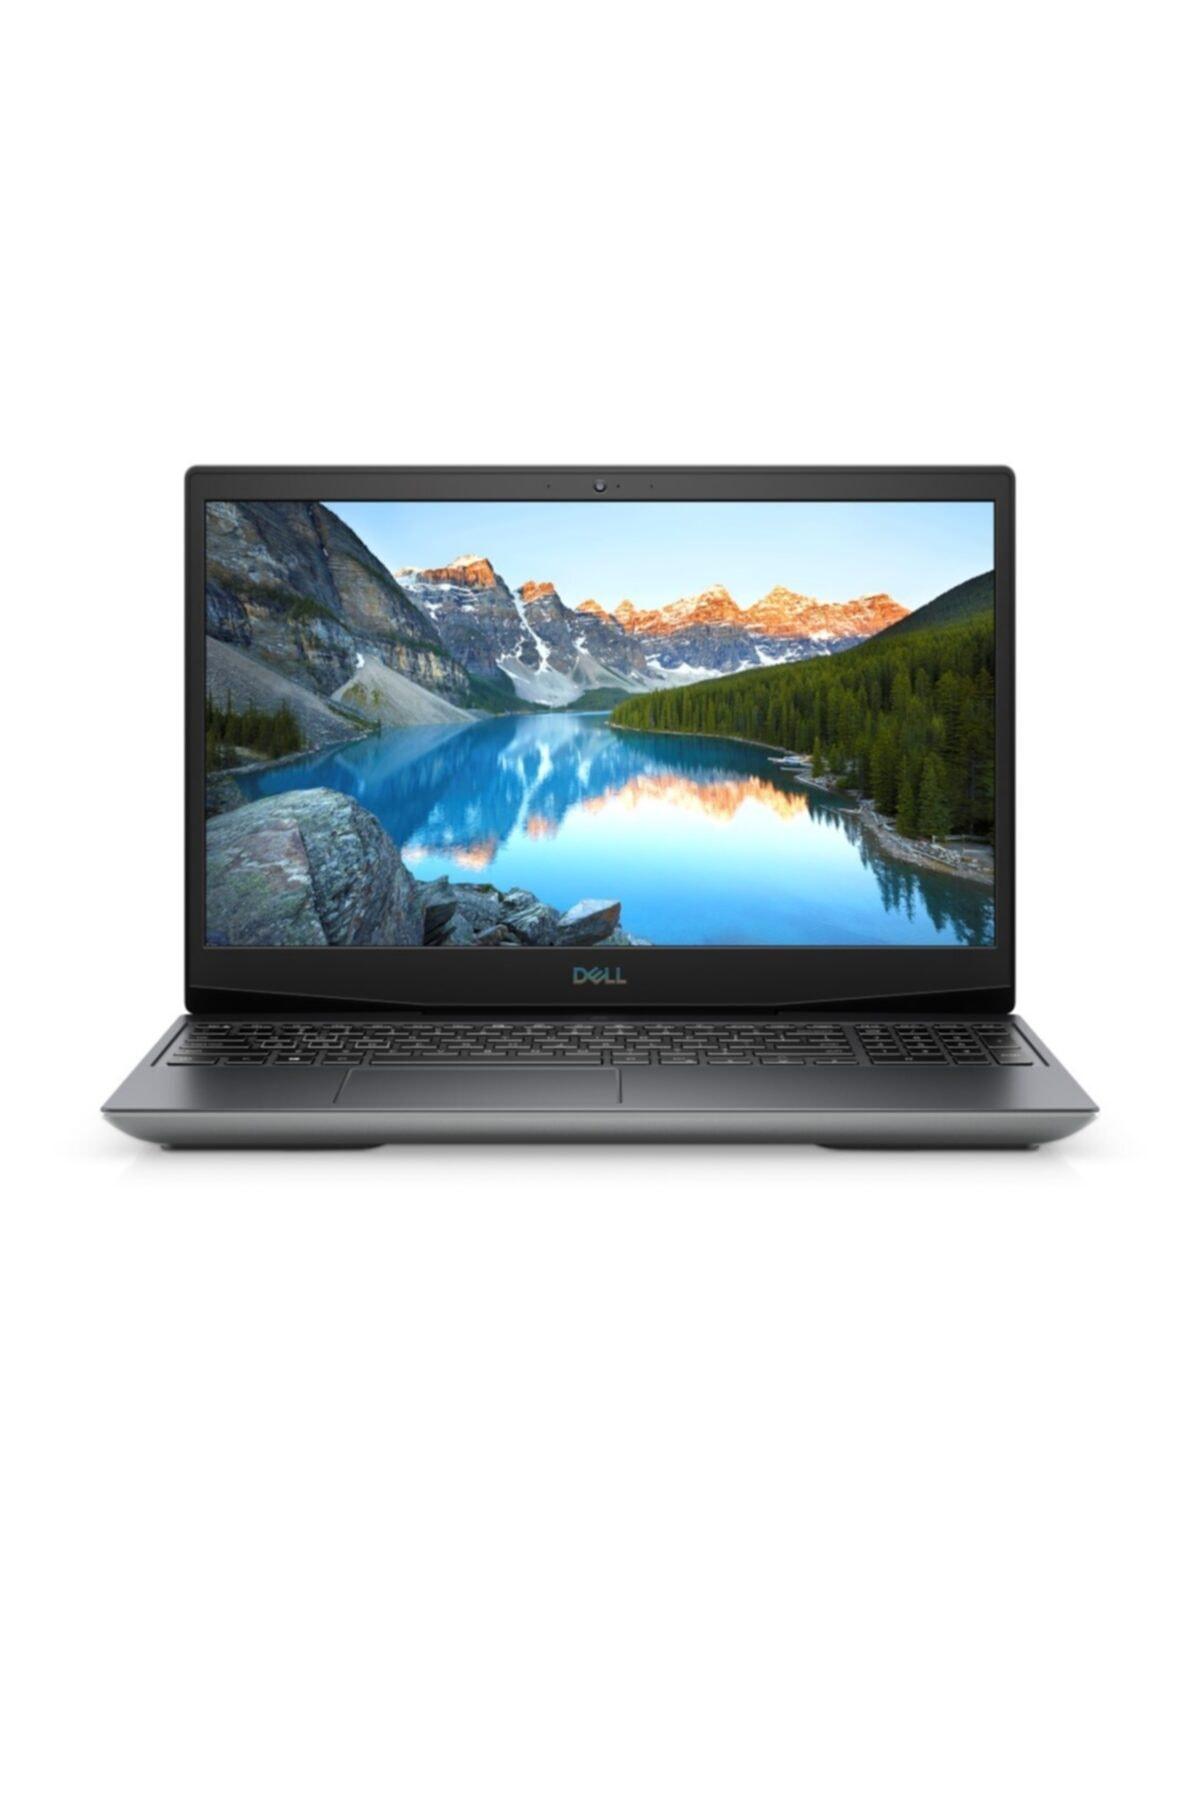 """G515-6s80w165c Amd Ryzen 7 4800h 16gb 512gb Ssd Rx5600m Windows 10 Home 15.6"""" Fhd"""